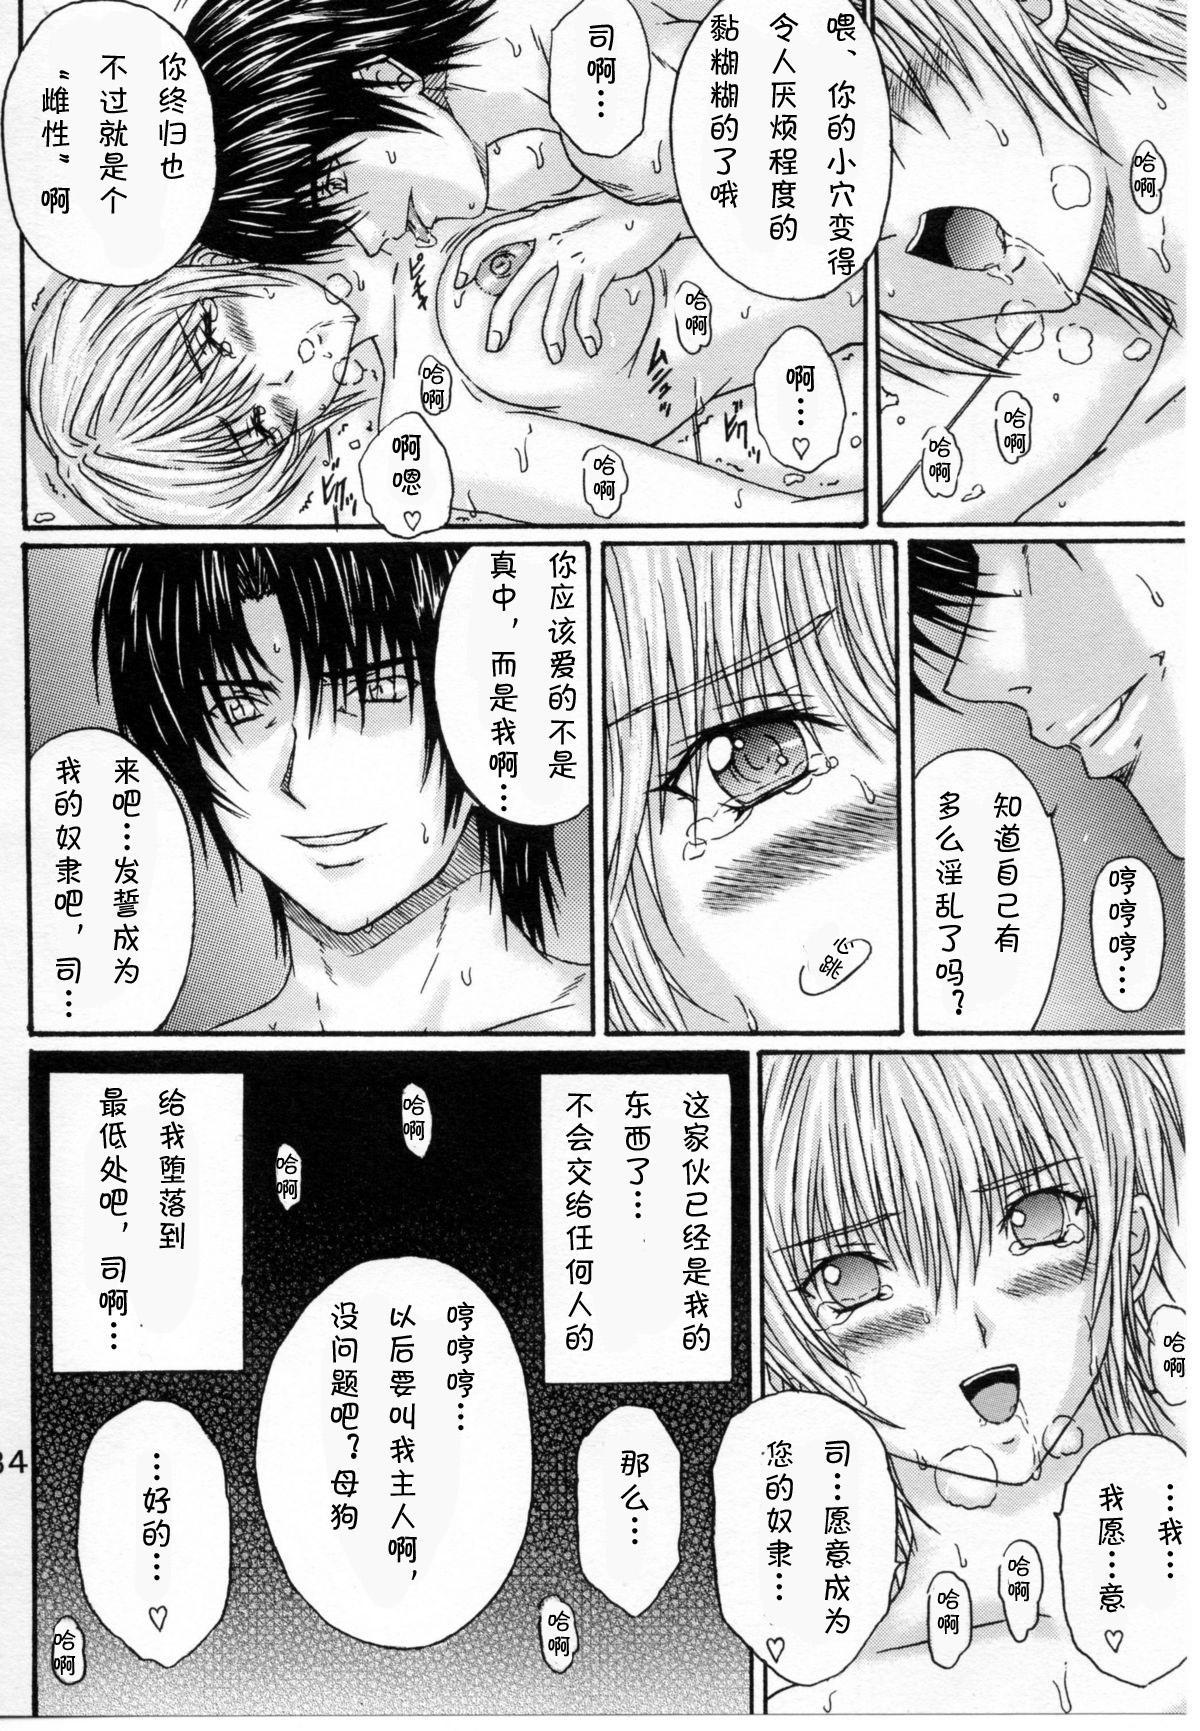 Ryoujoku Rensa 04 32